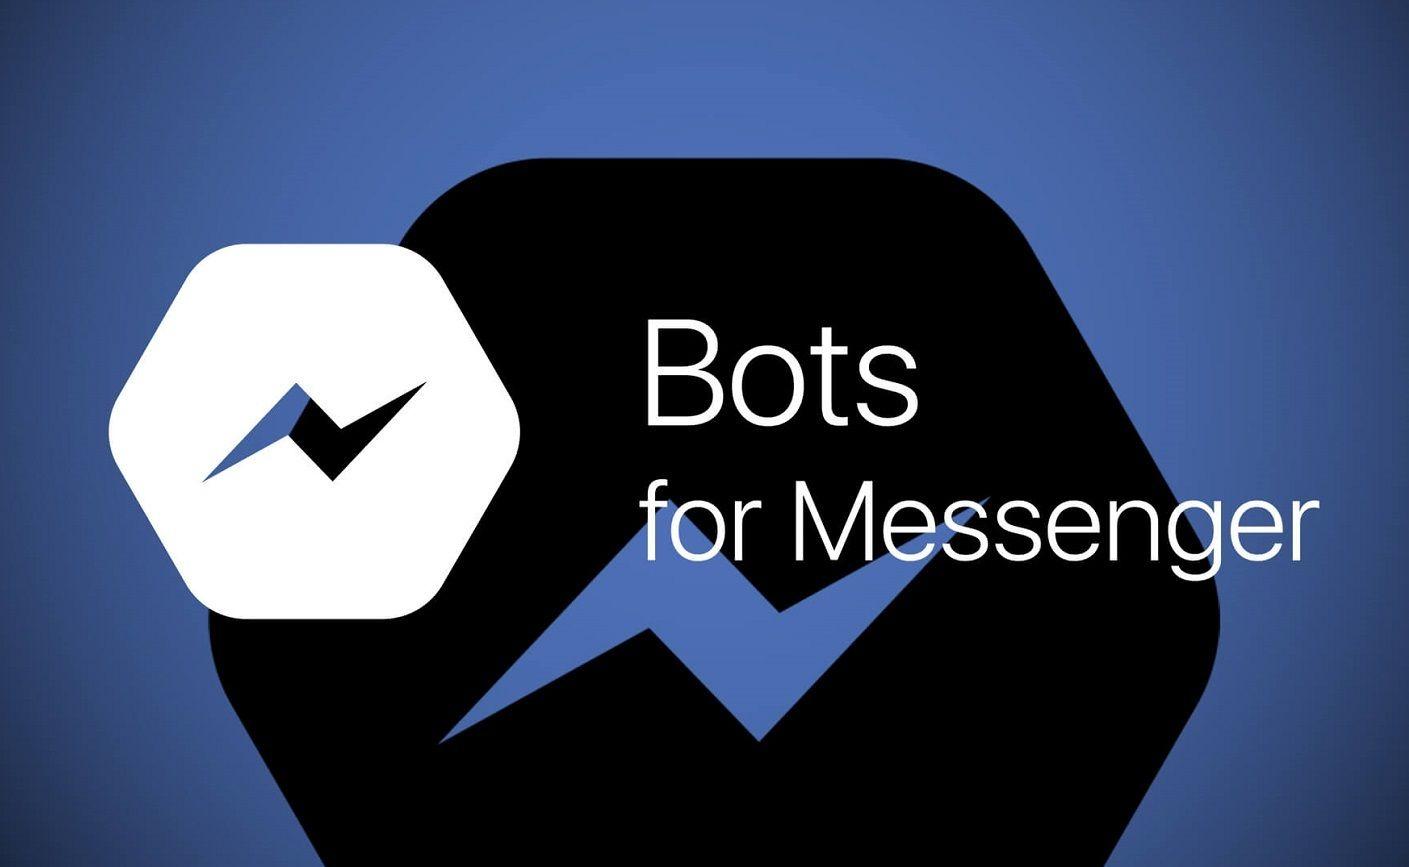 有了 10 万个聊天机器人后,Facebook Messenger 到底想要做什么?